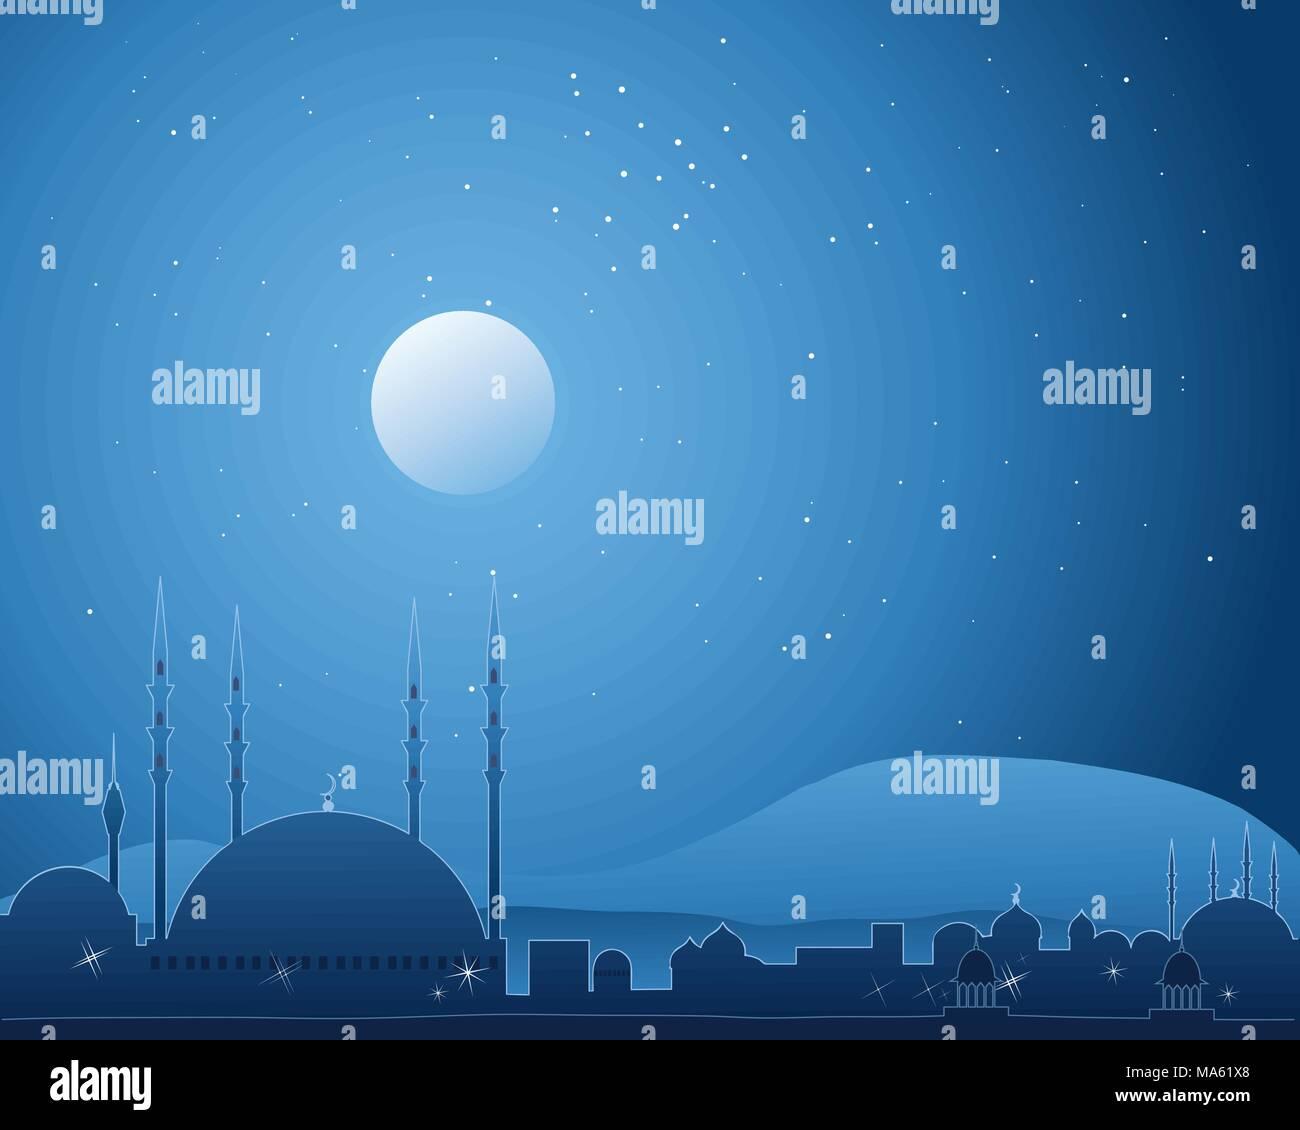 Una illustrazione vettoriale in formato eps formato 10 di una notte tempo città islamica in scena con cielo stellato e luna piena luce splendente di architettura Immagini Stock